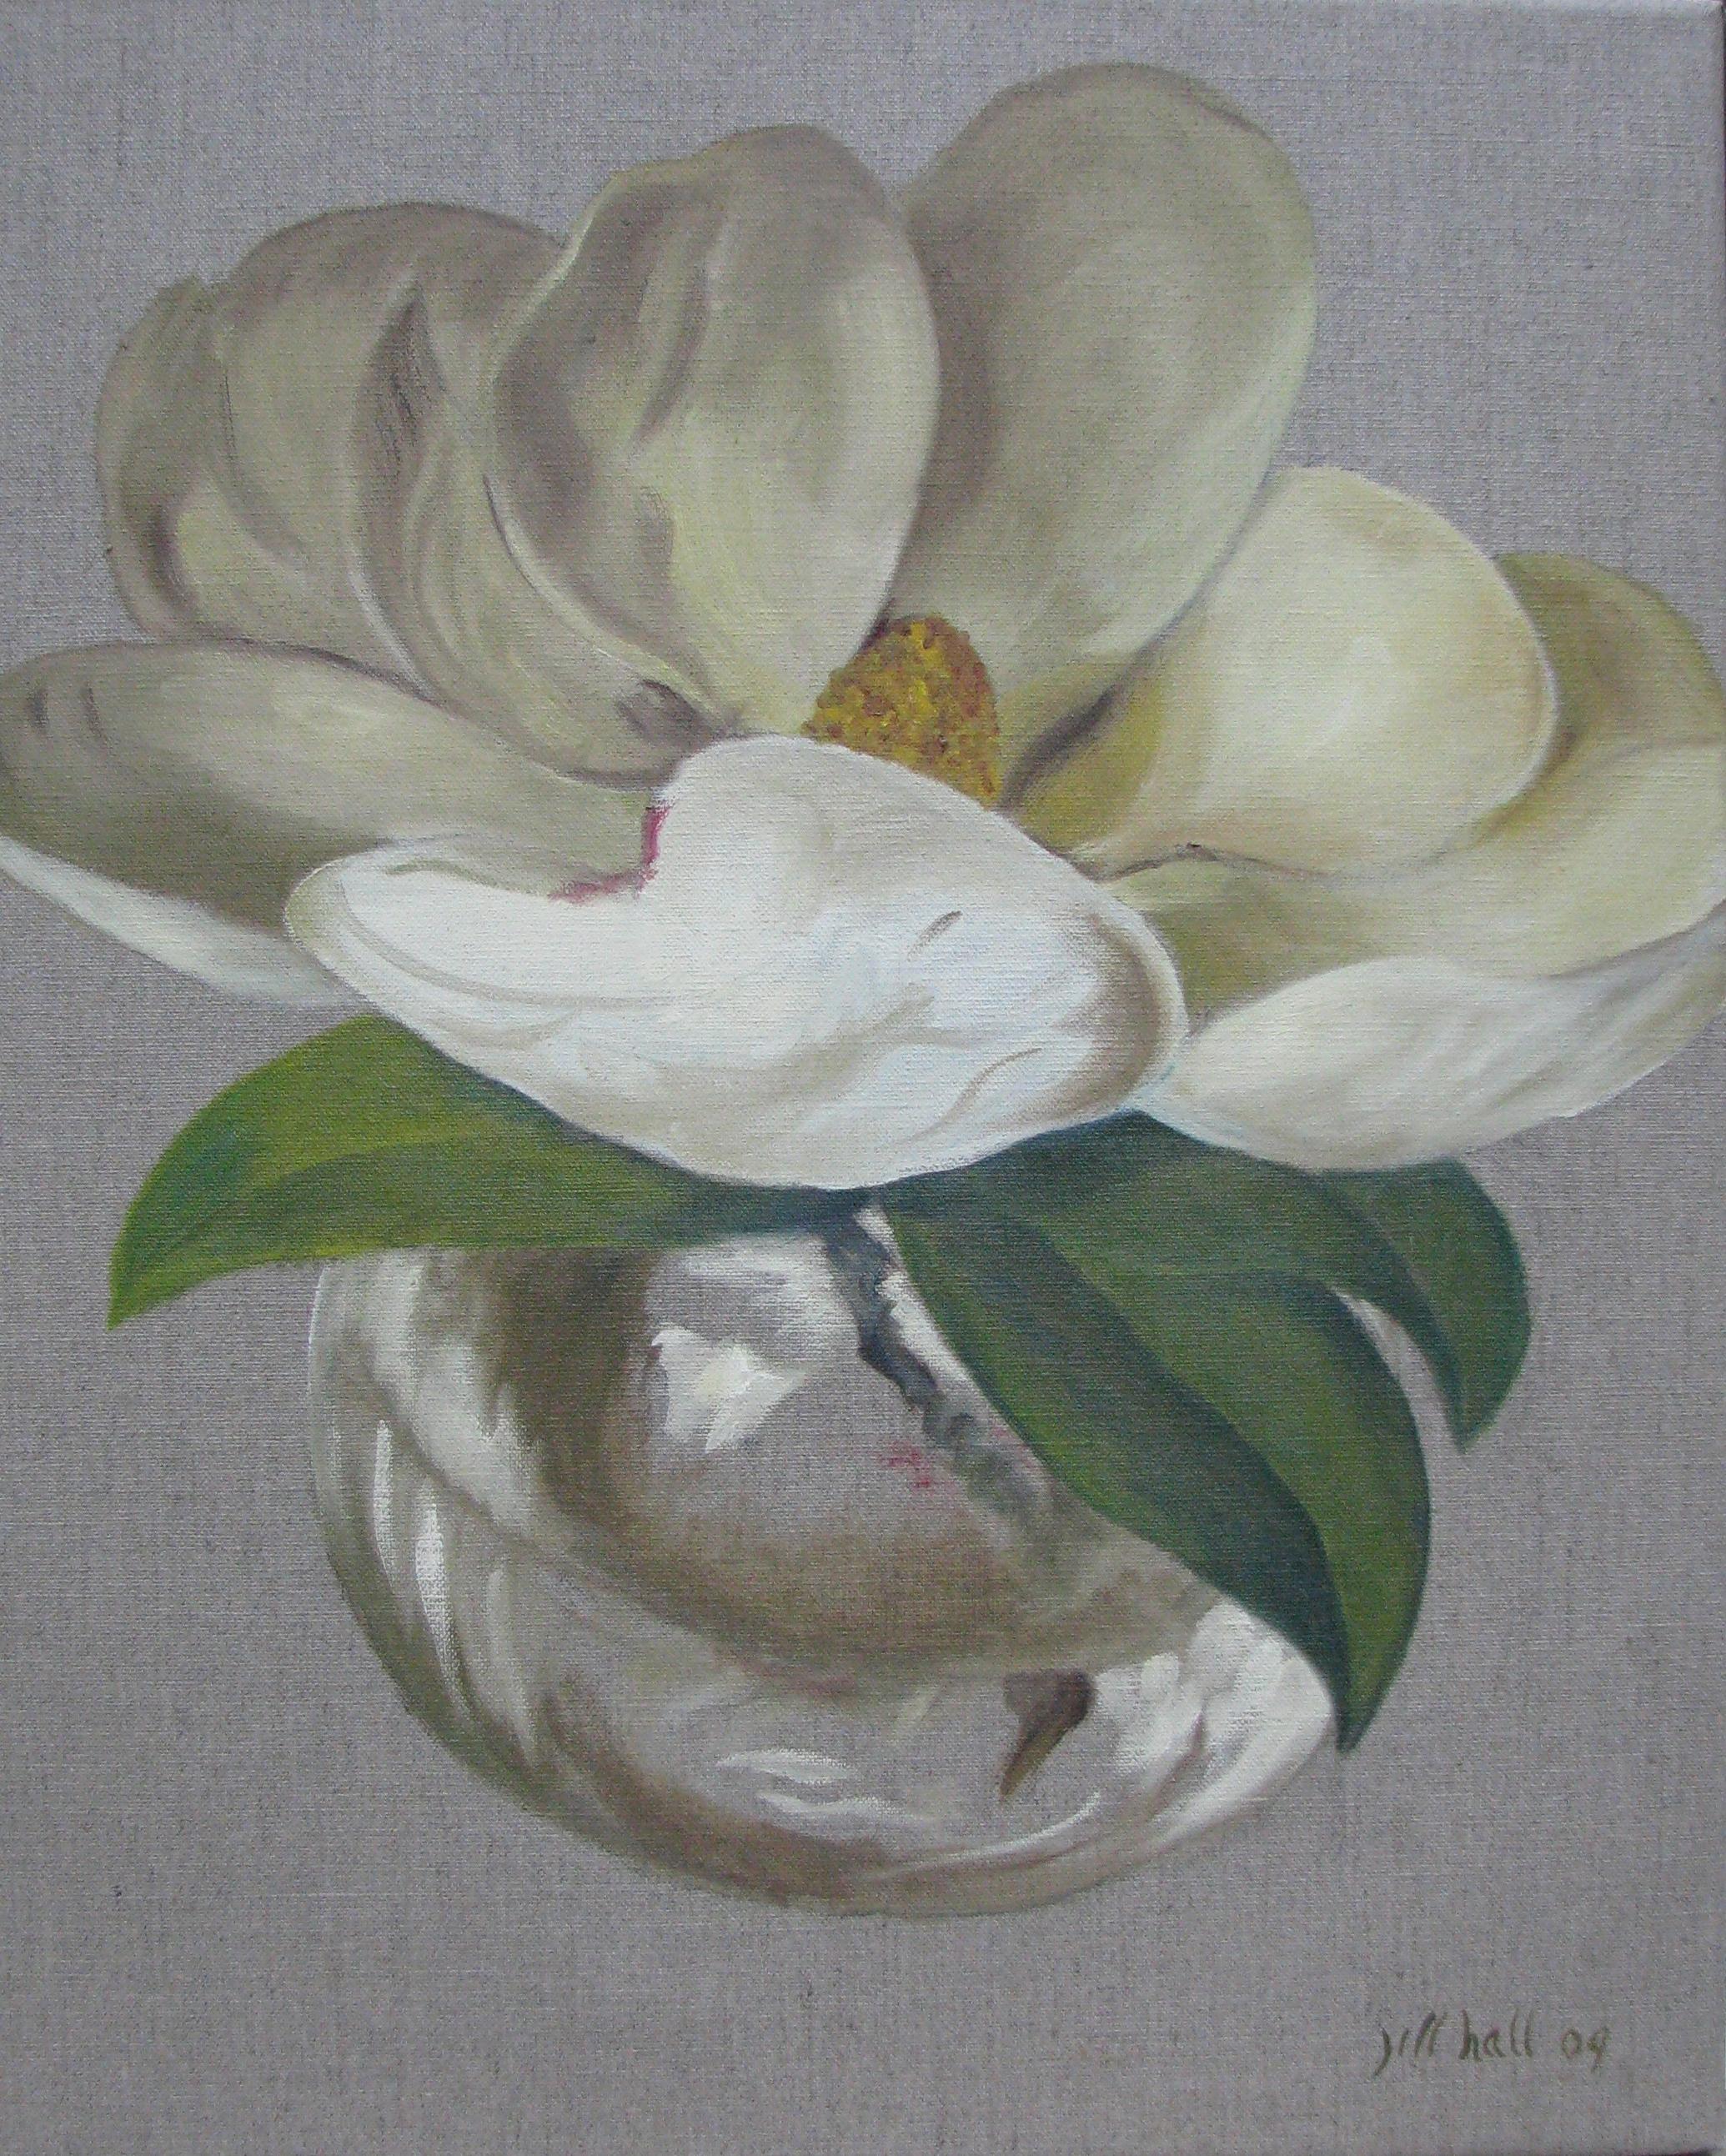 Magnolia - 20x16 on linen